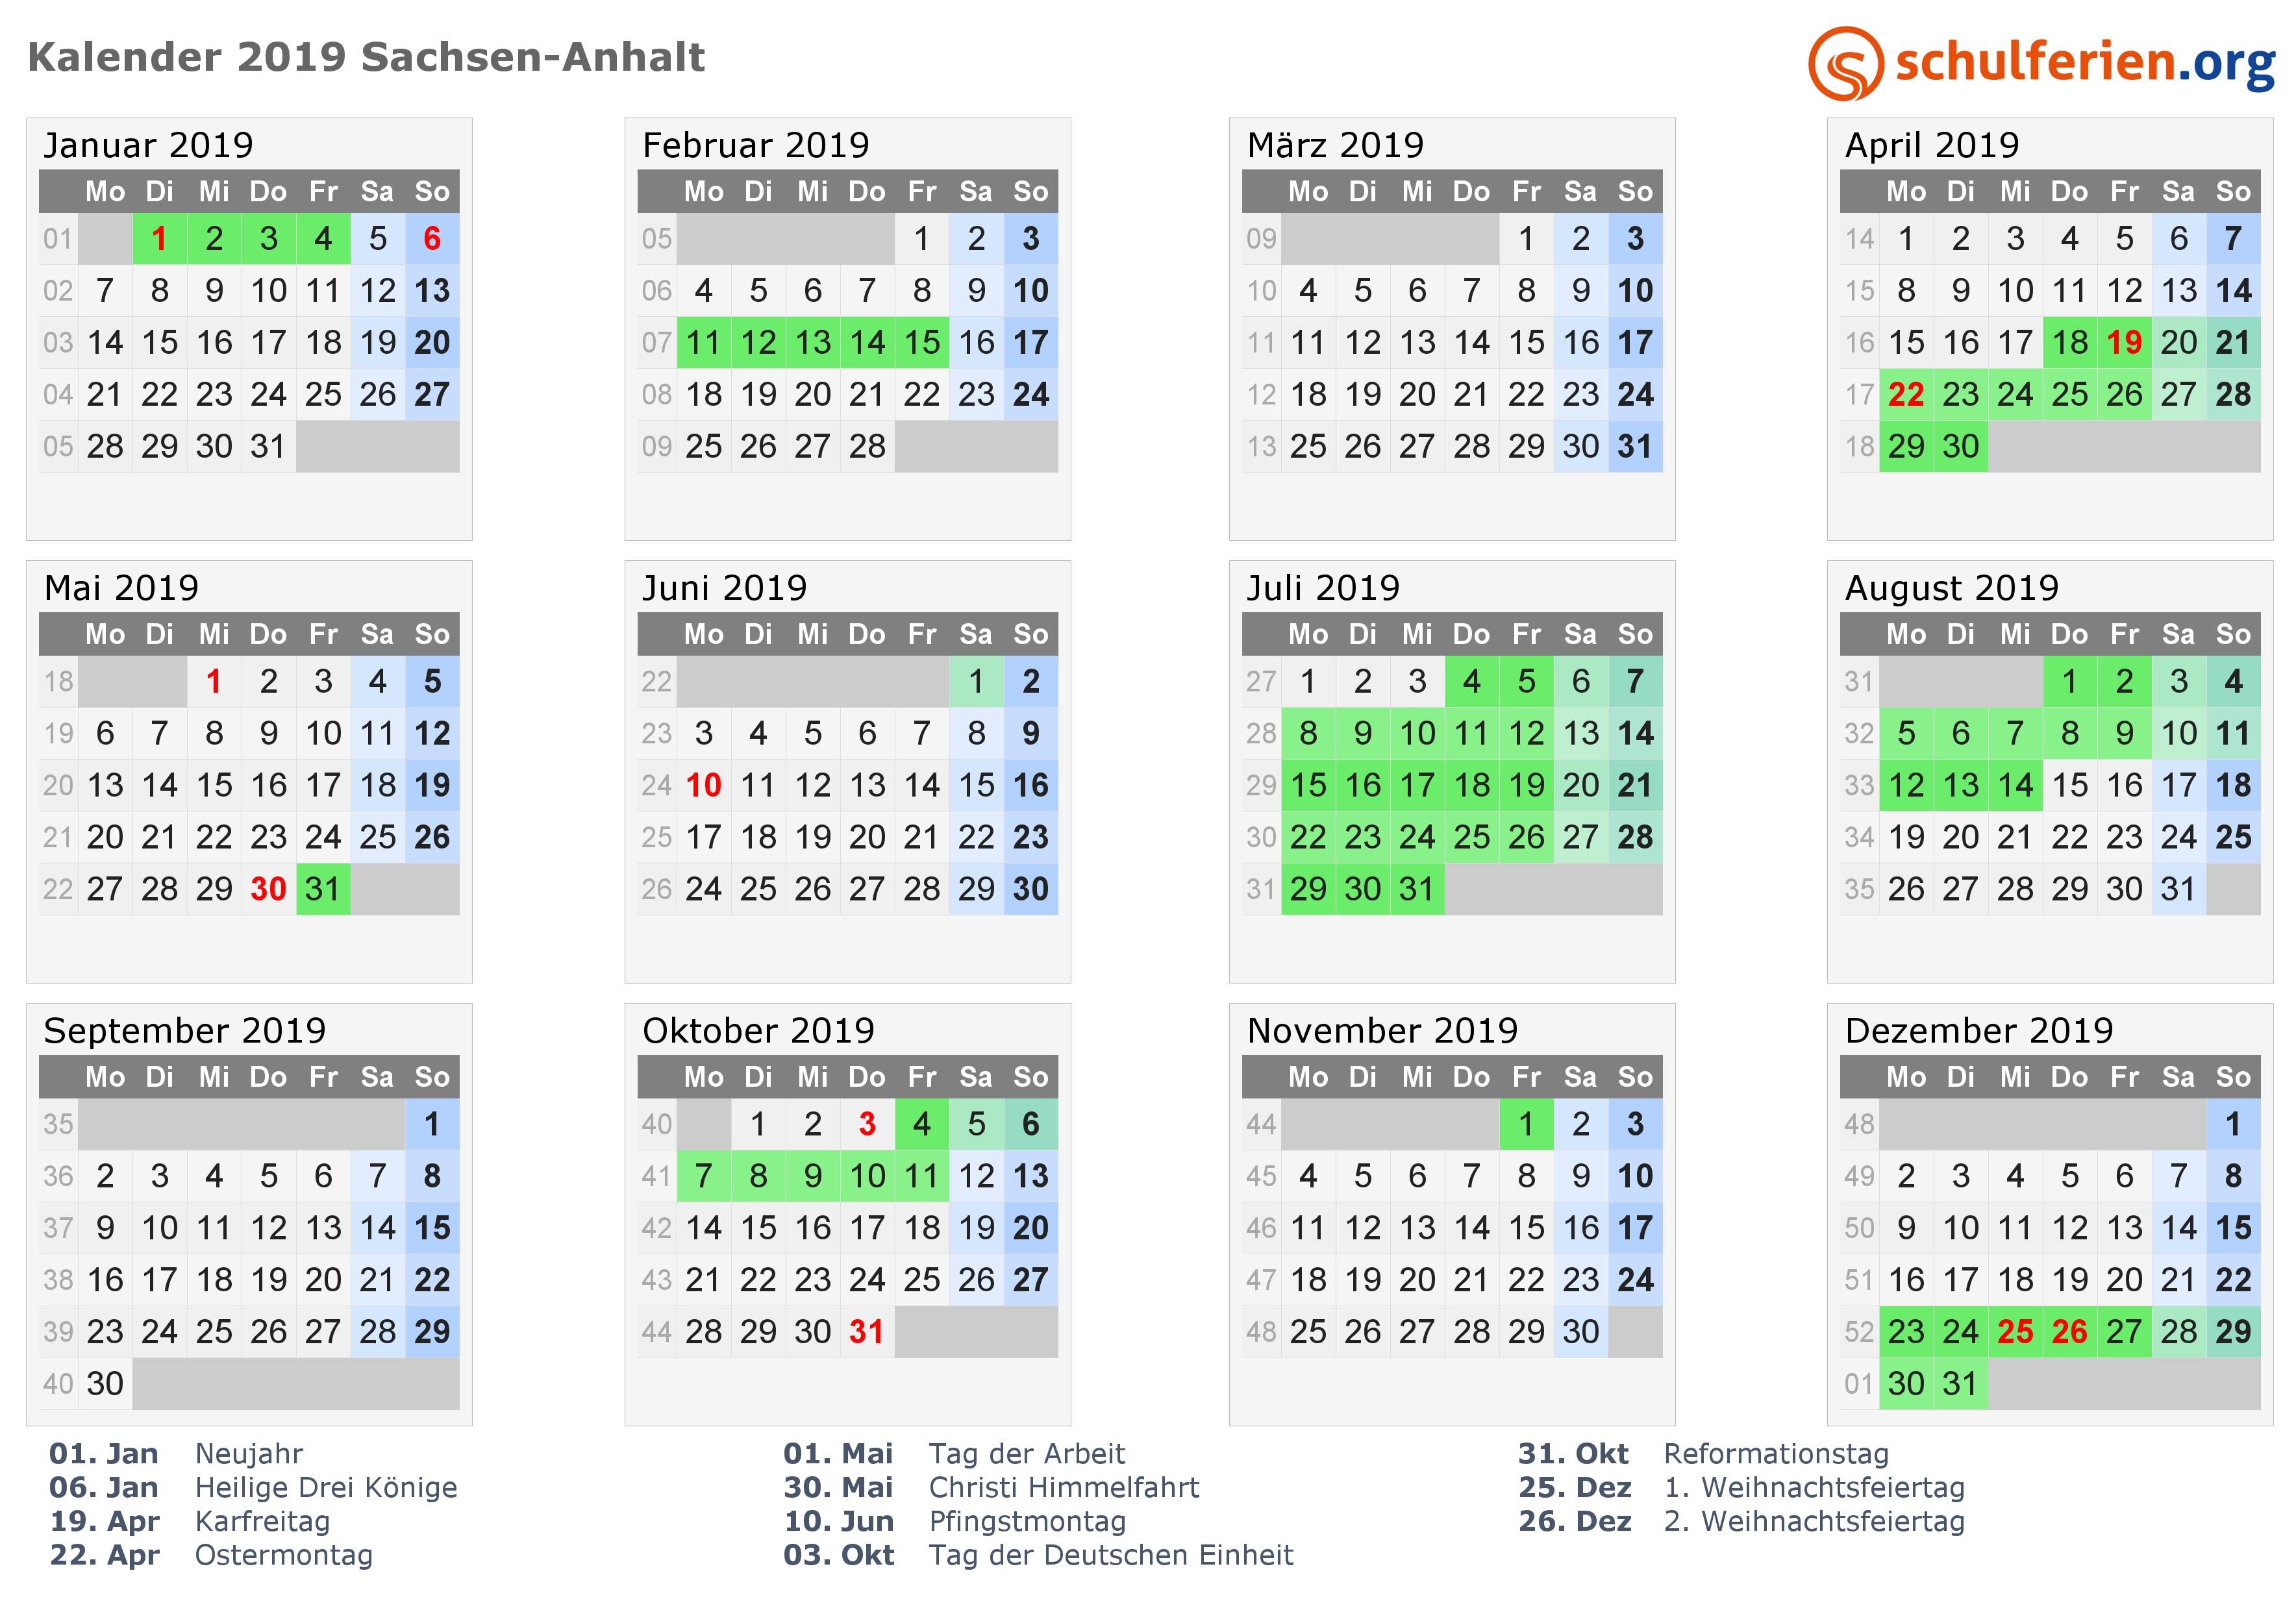 Kalender 2019 mit Ferien und Feiertagen Sachsen Anhalt